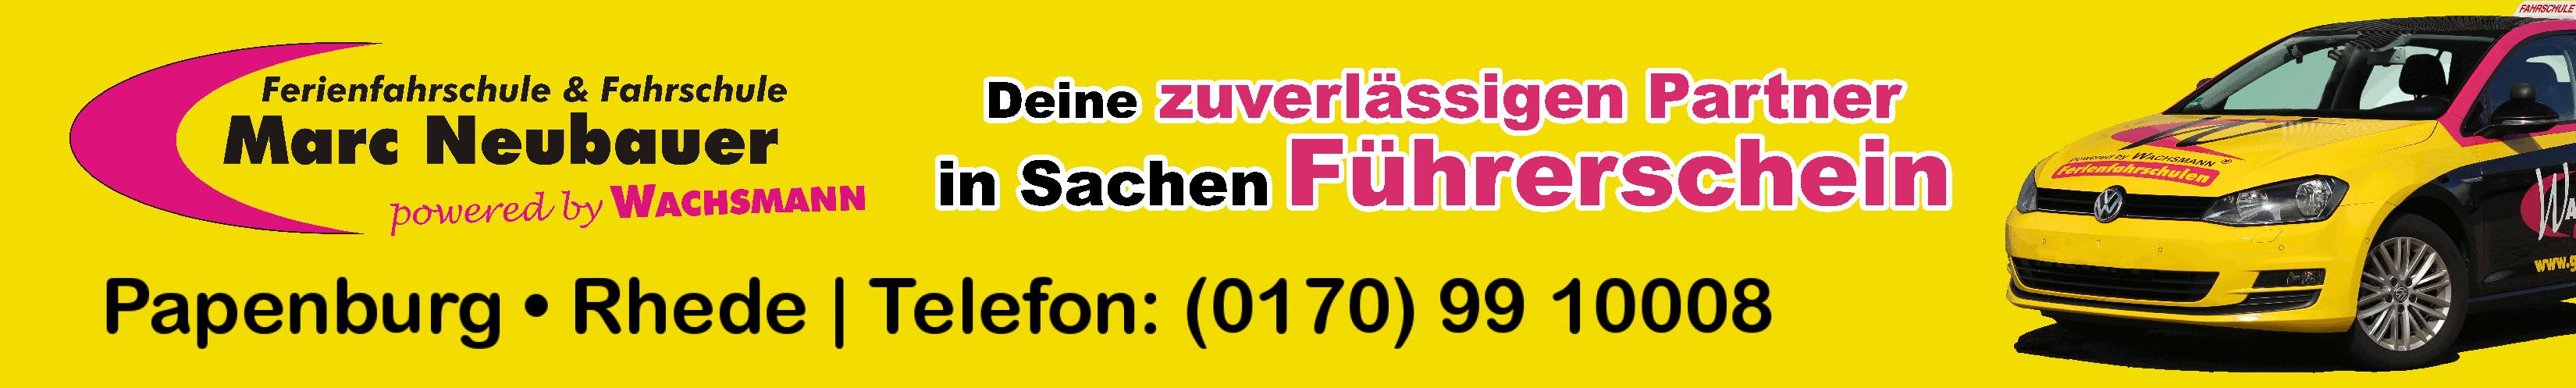 WACHSMANN Fahrschule Papenburg Marc Neubauer